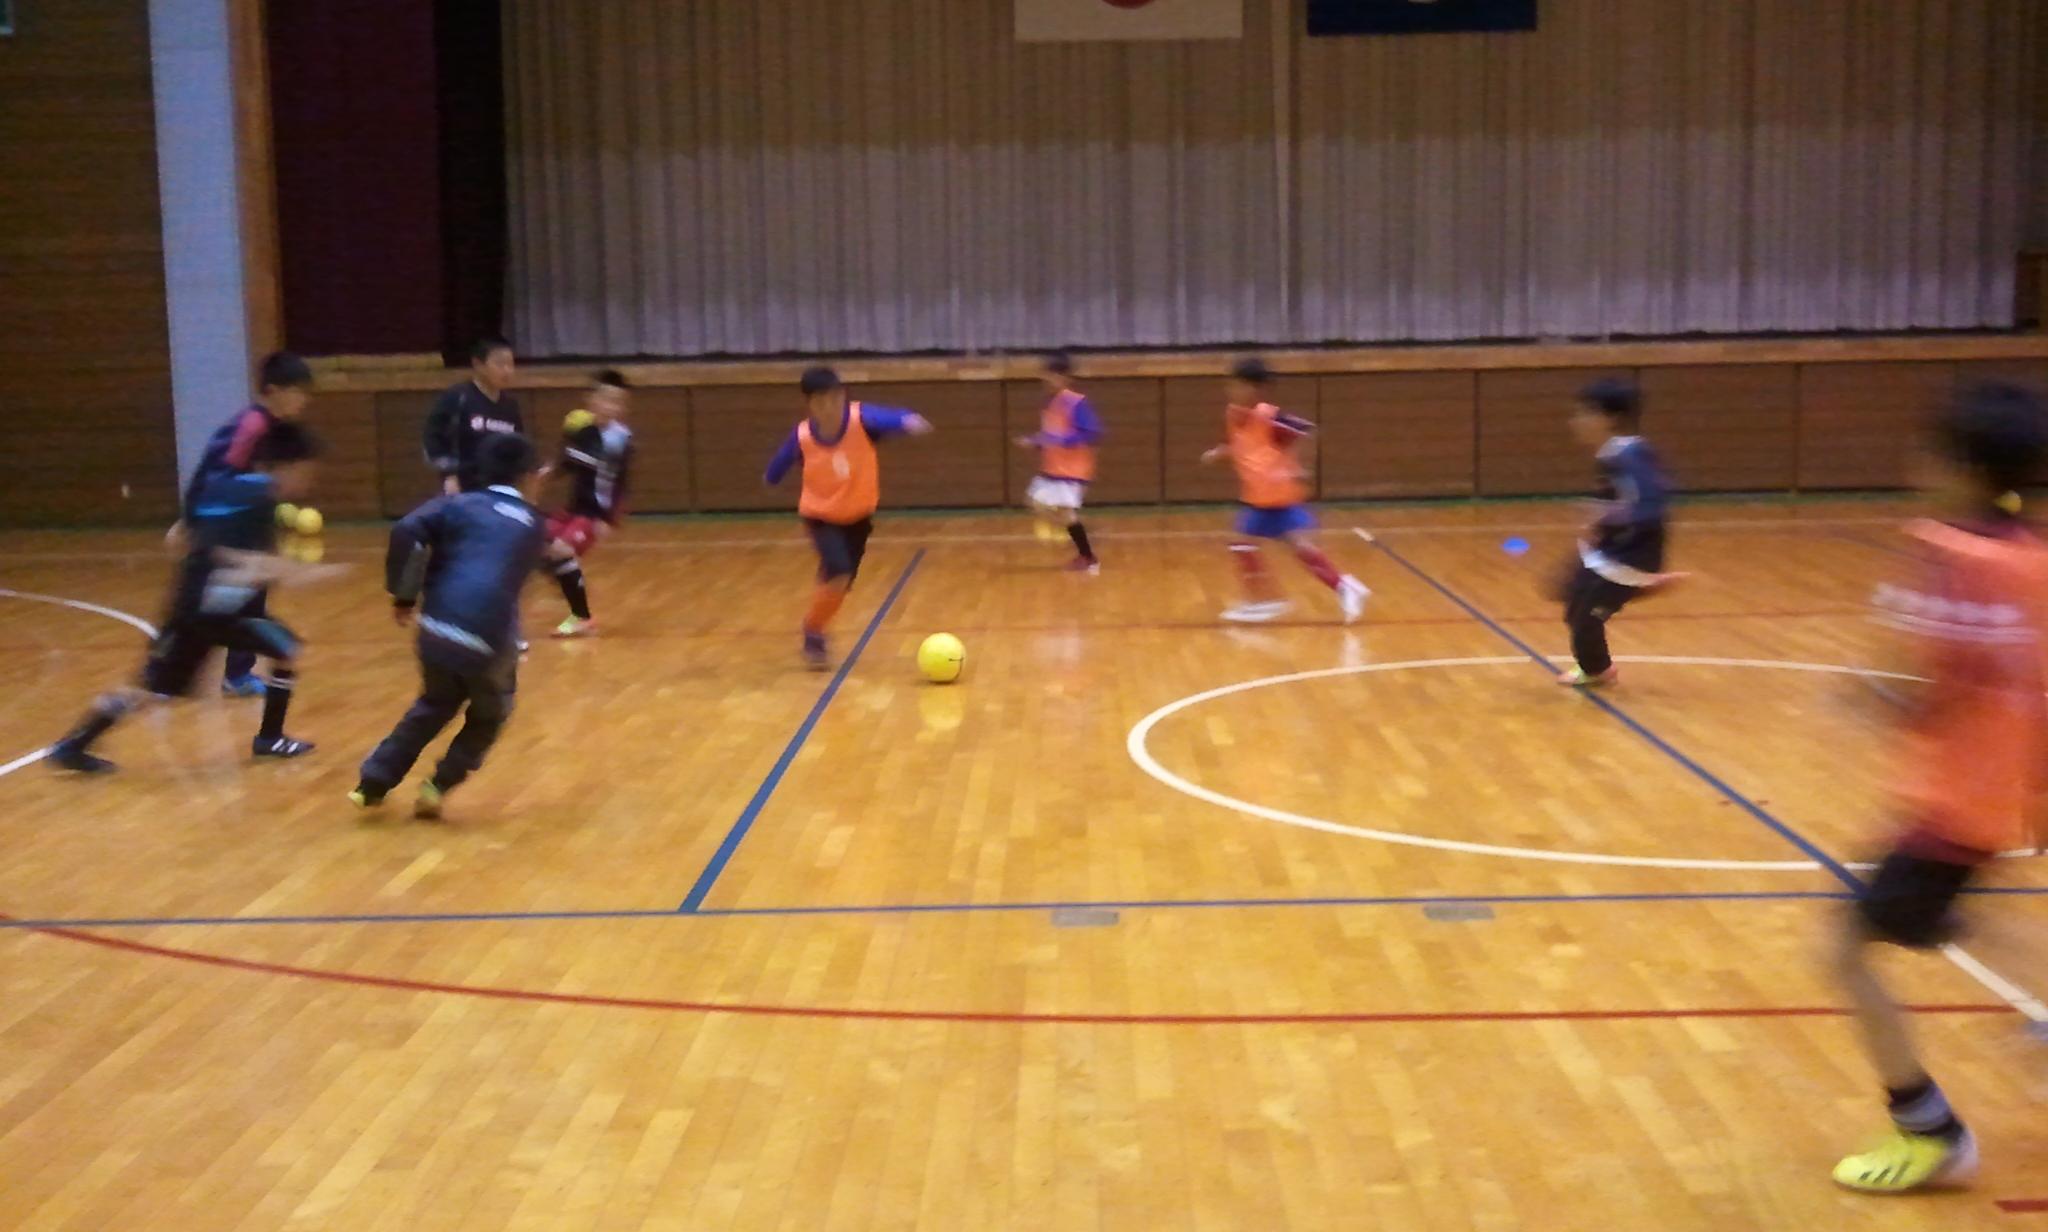 雨の中での全日本少年サッカー大会中央地区予選1次リーグ